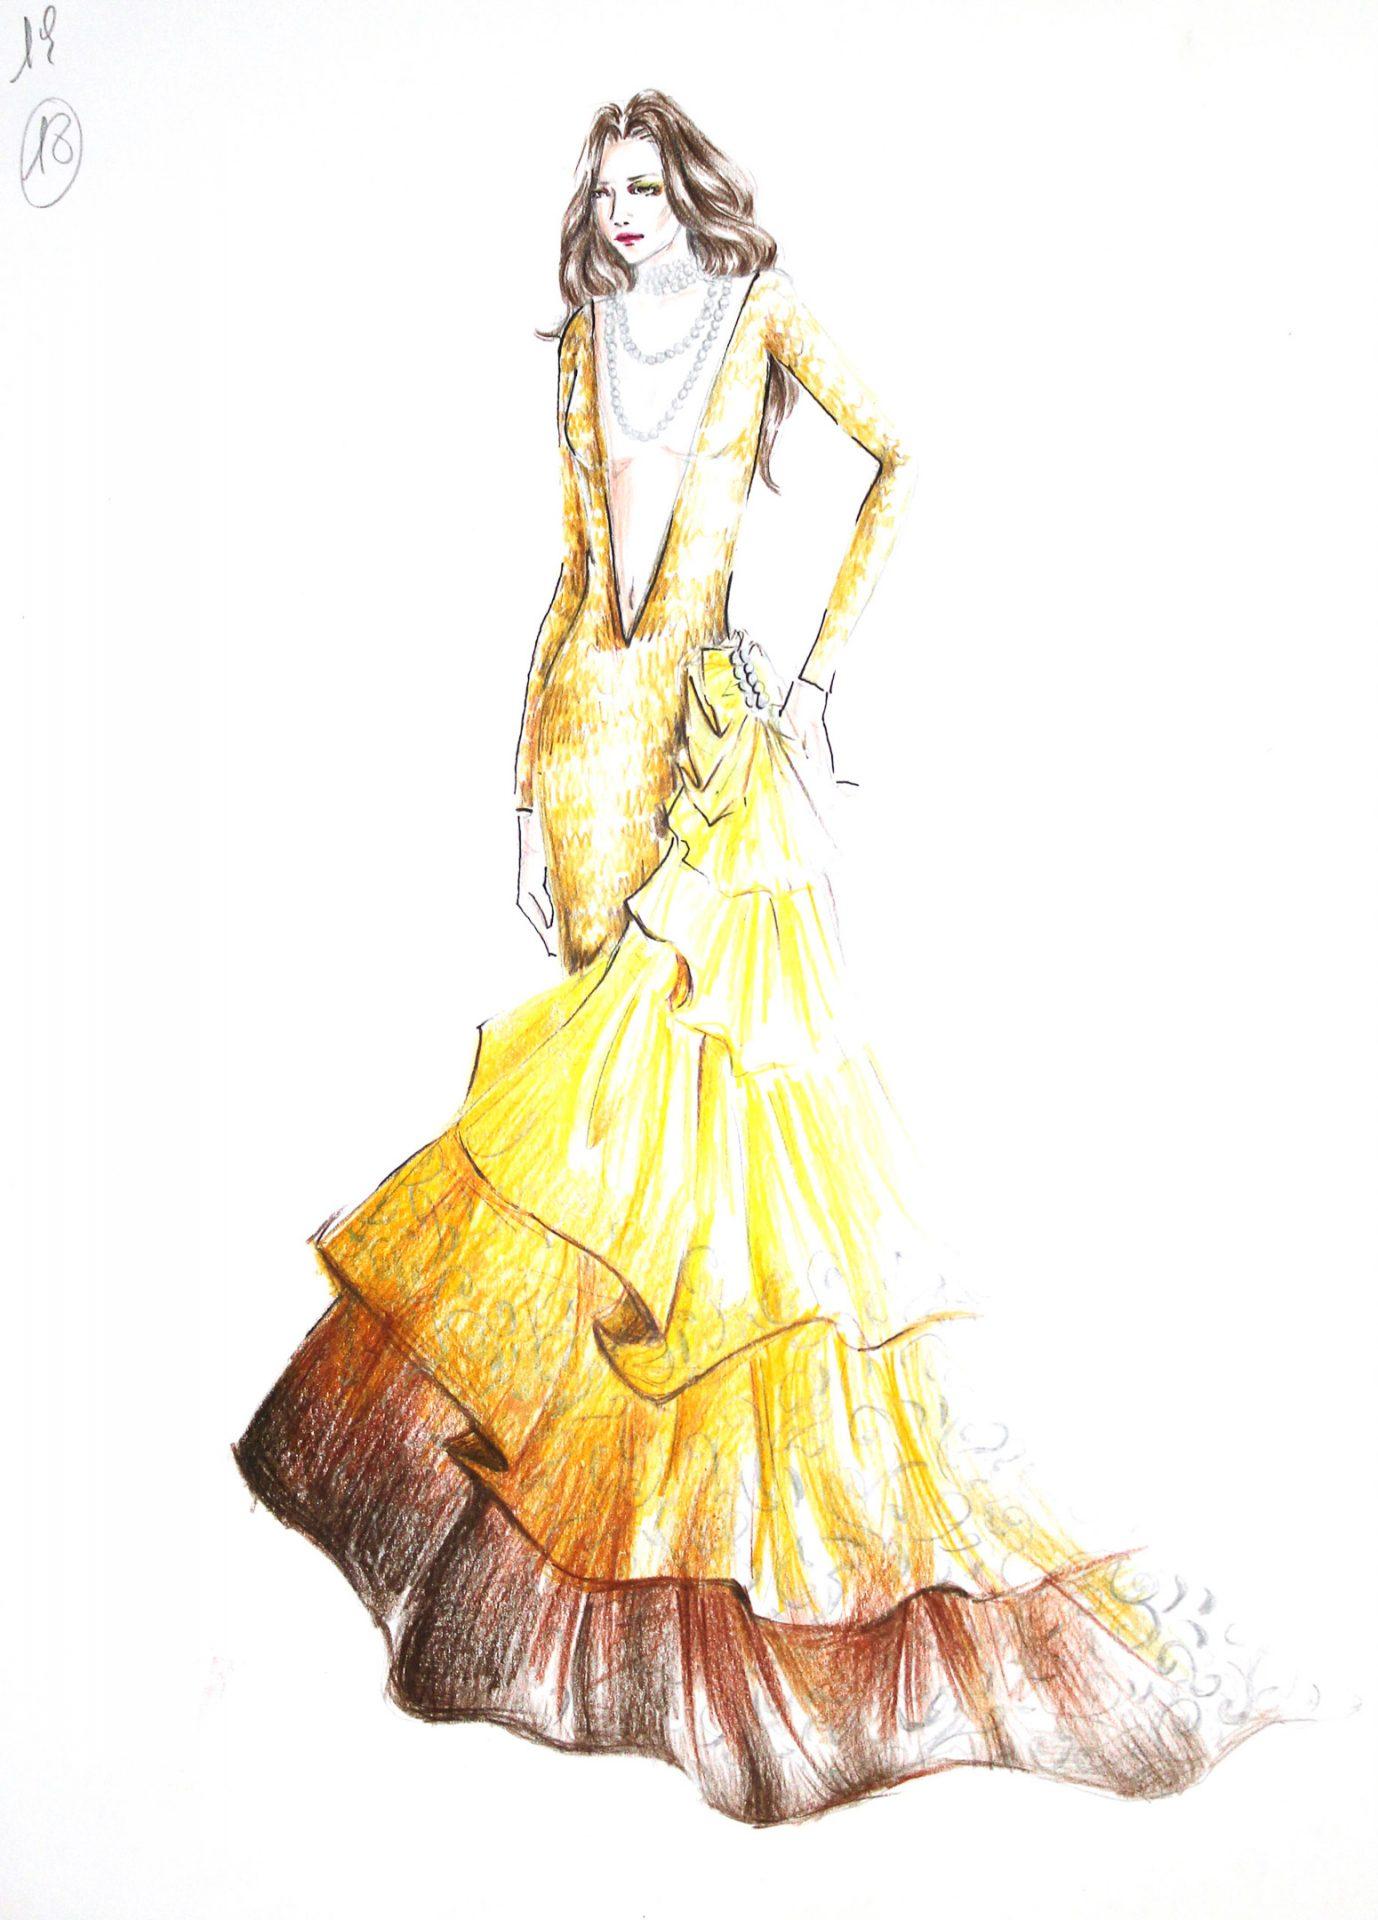 Moda 7 accademia di belle arti di cuneo for Accademia belle arti moda